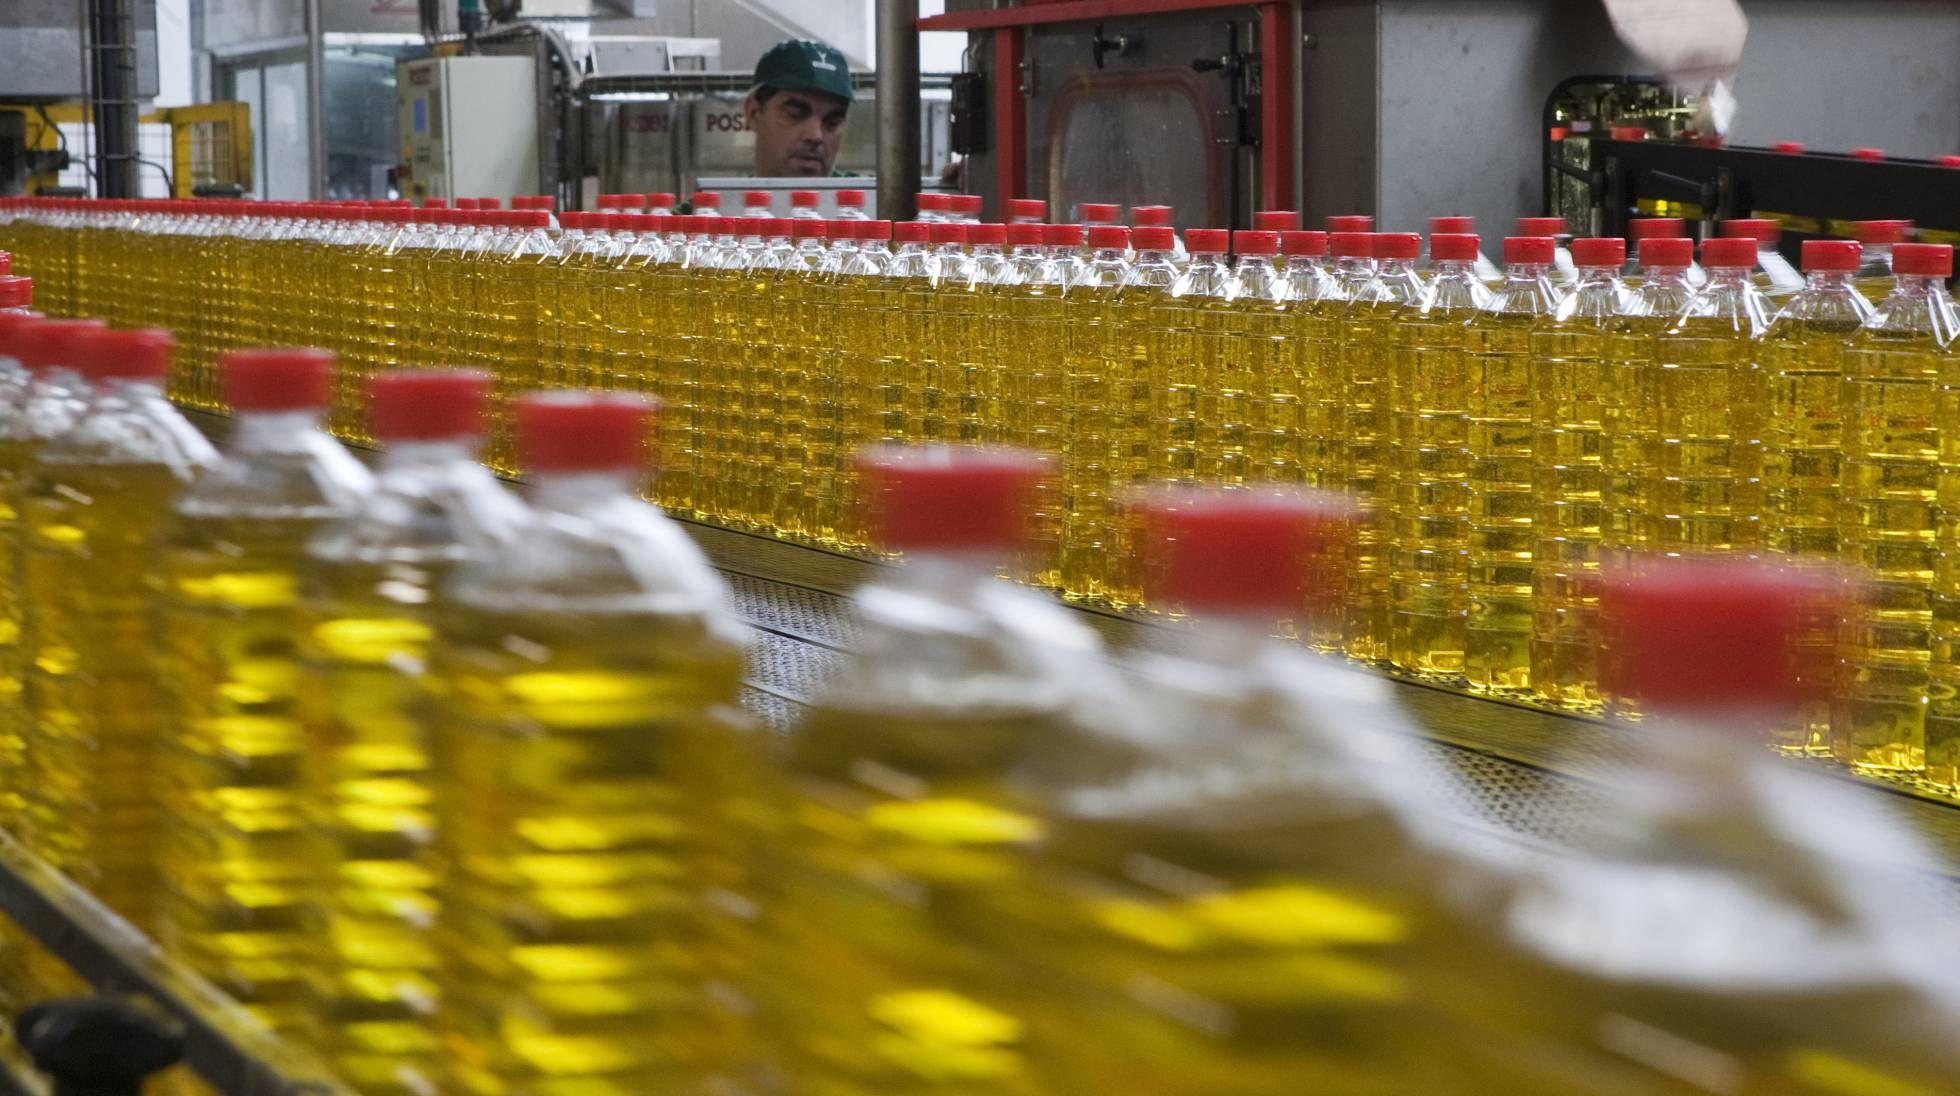 Exportaciones: La venta de alimentos al exterior aumentó un 83% interanual en abril